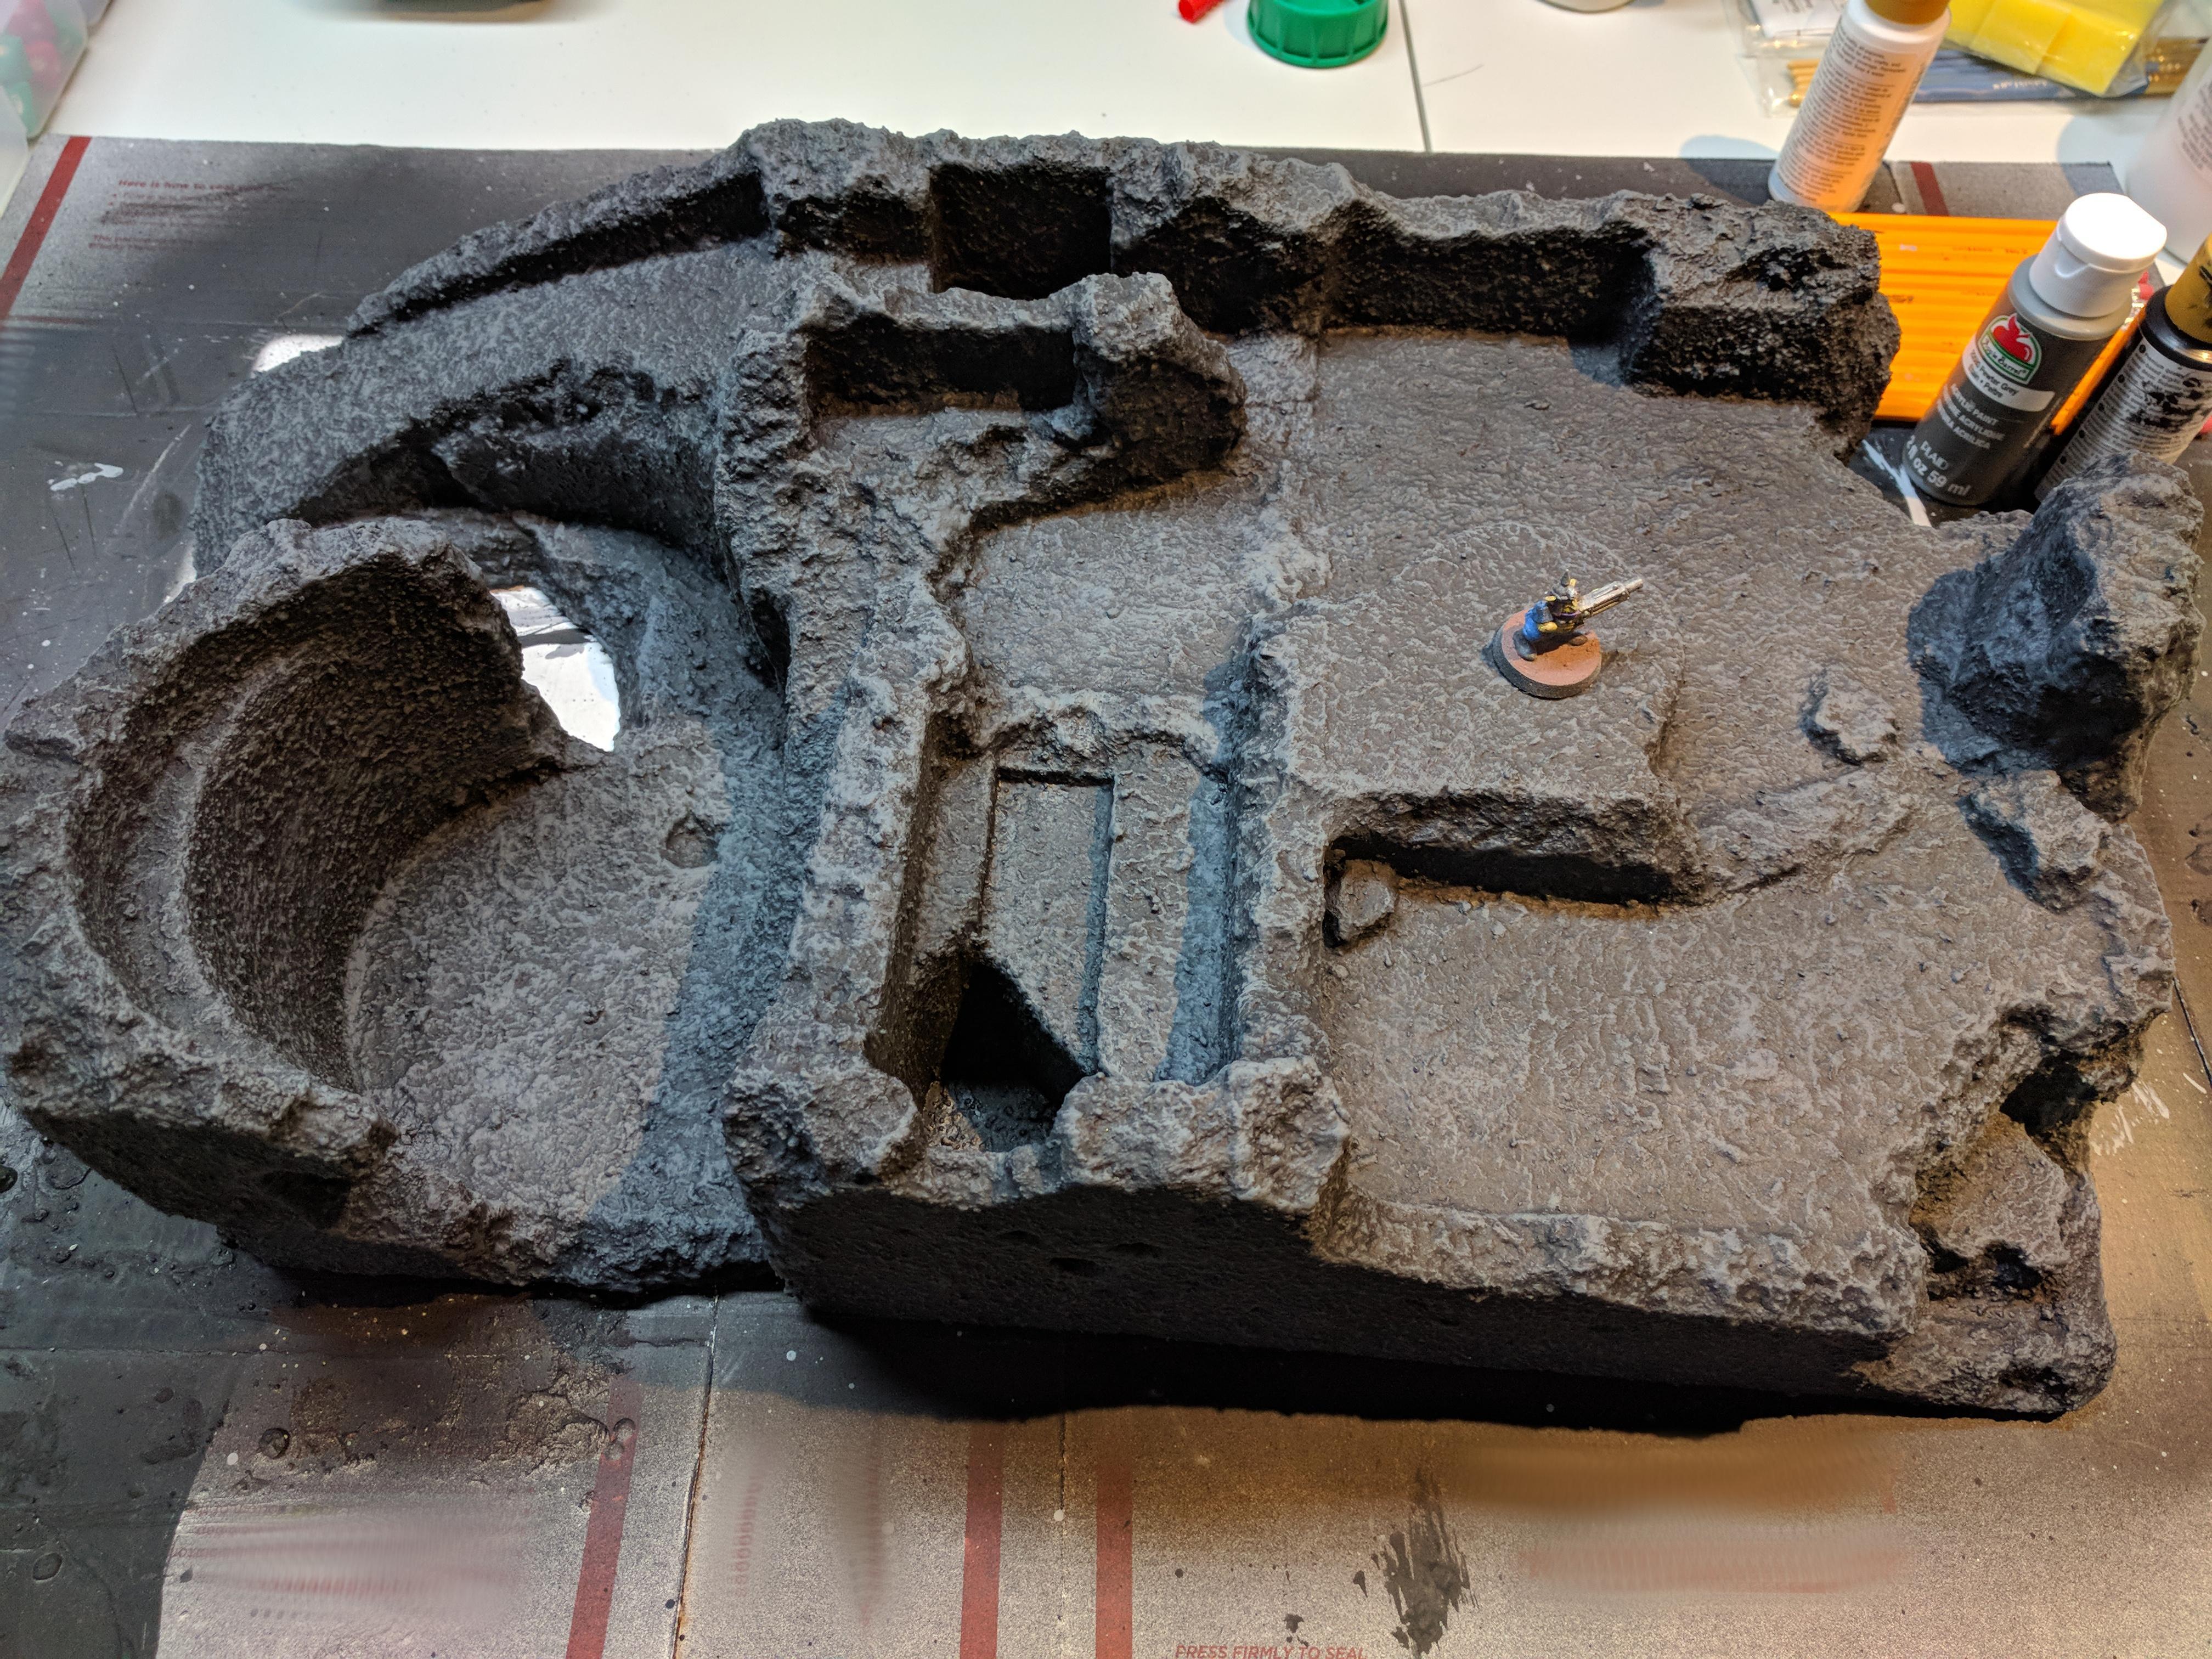 Terrain, Work In Progress